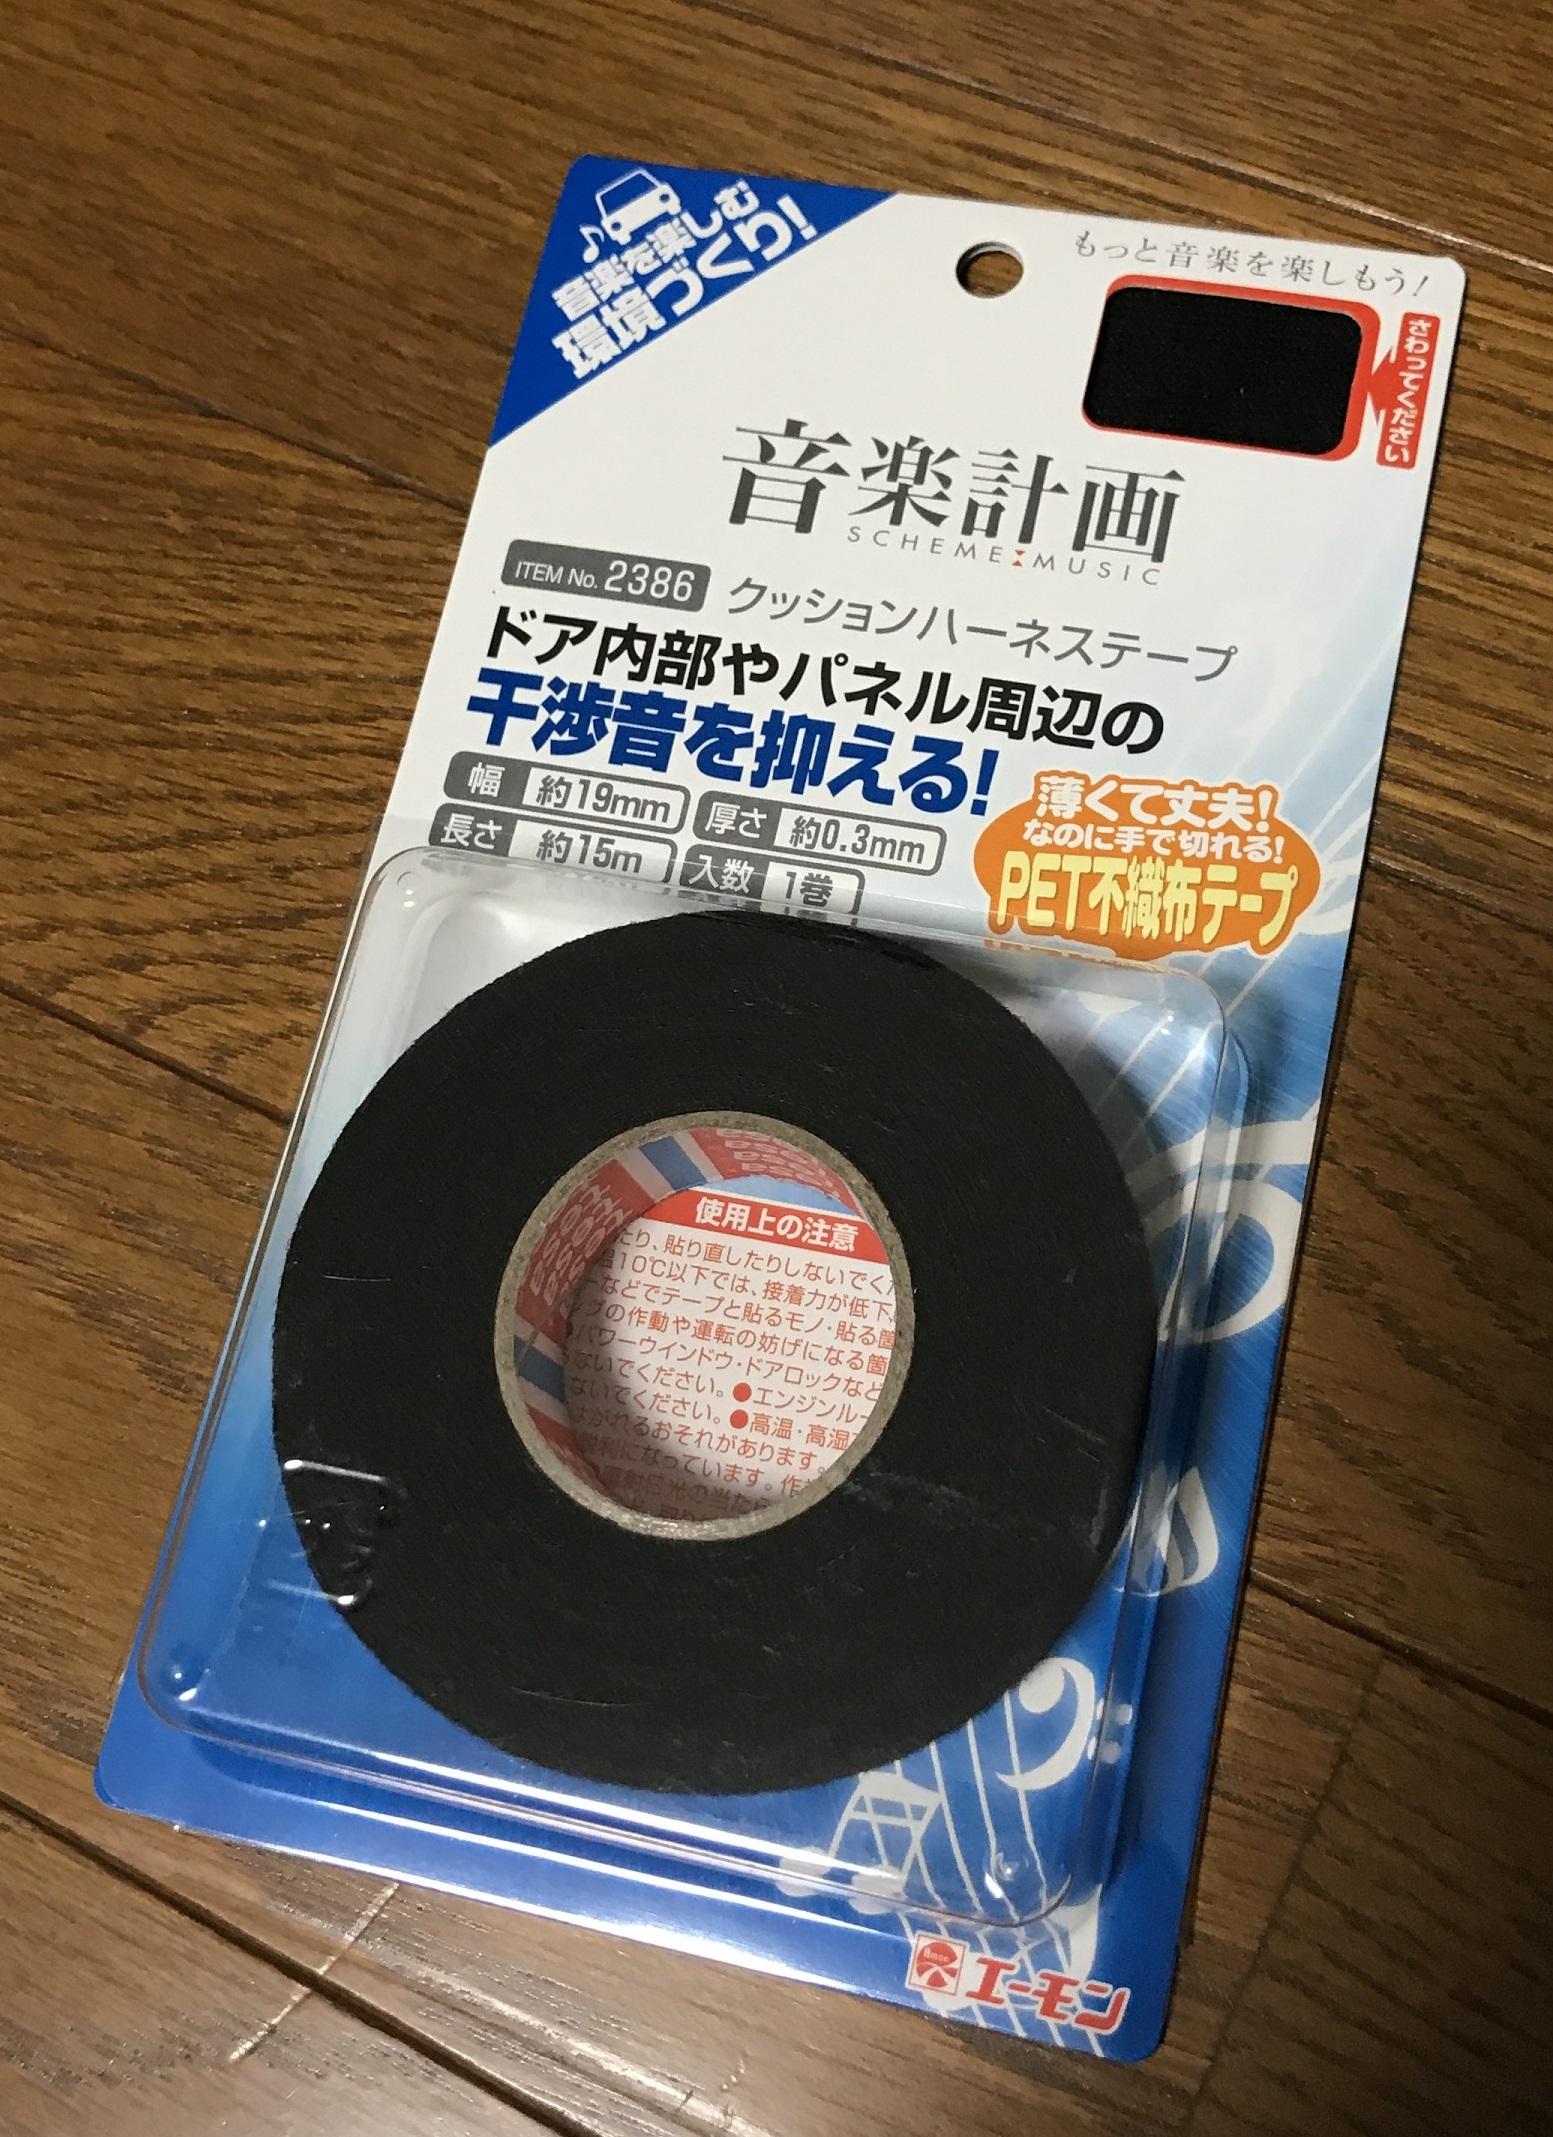 運転席のドア周りのきしみ音が気になったのでクッションハーネステープを買ってみましたが。。。